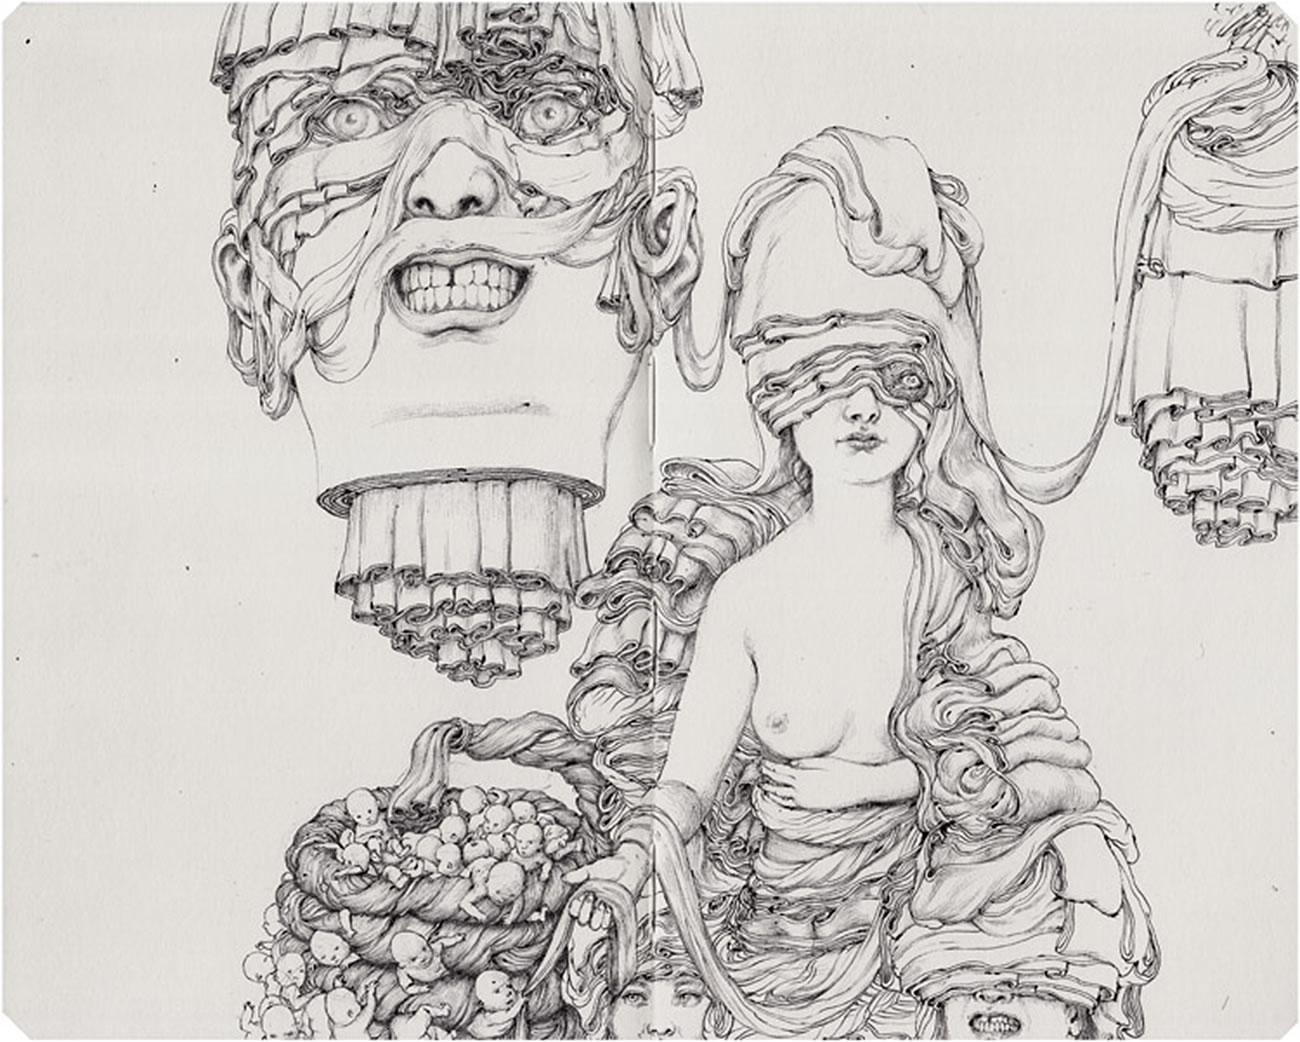 sketchbook drawing by anton vill 9